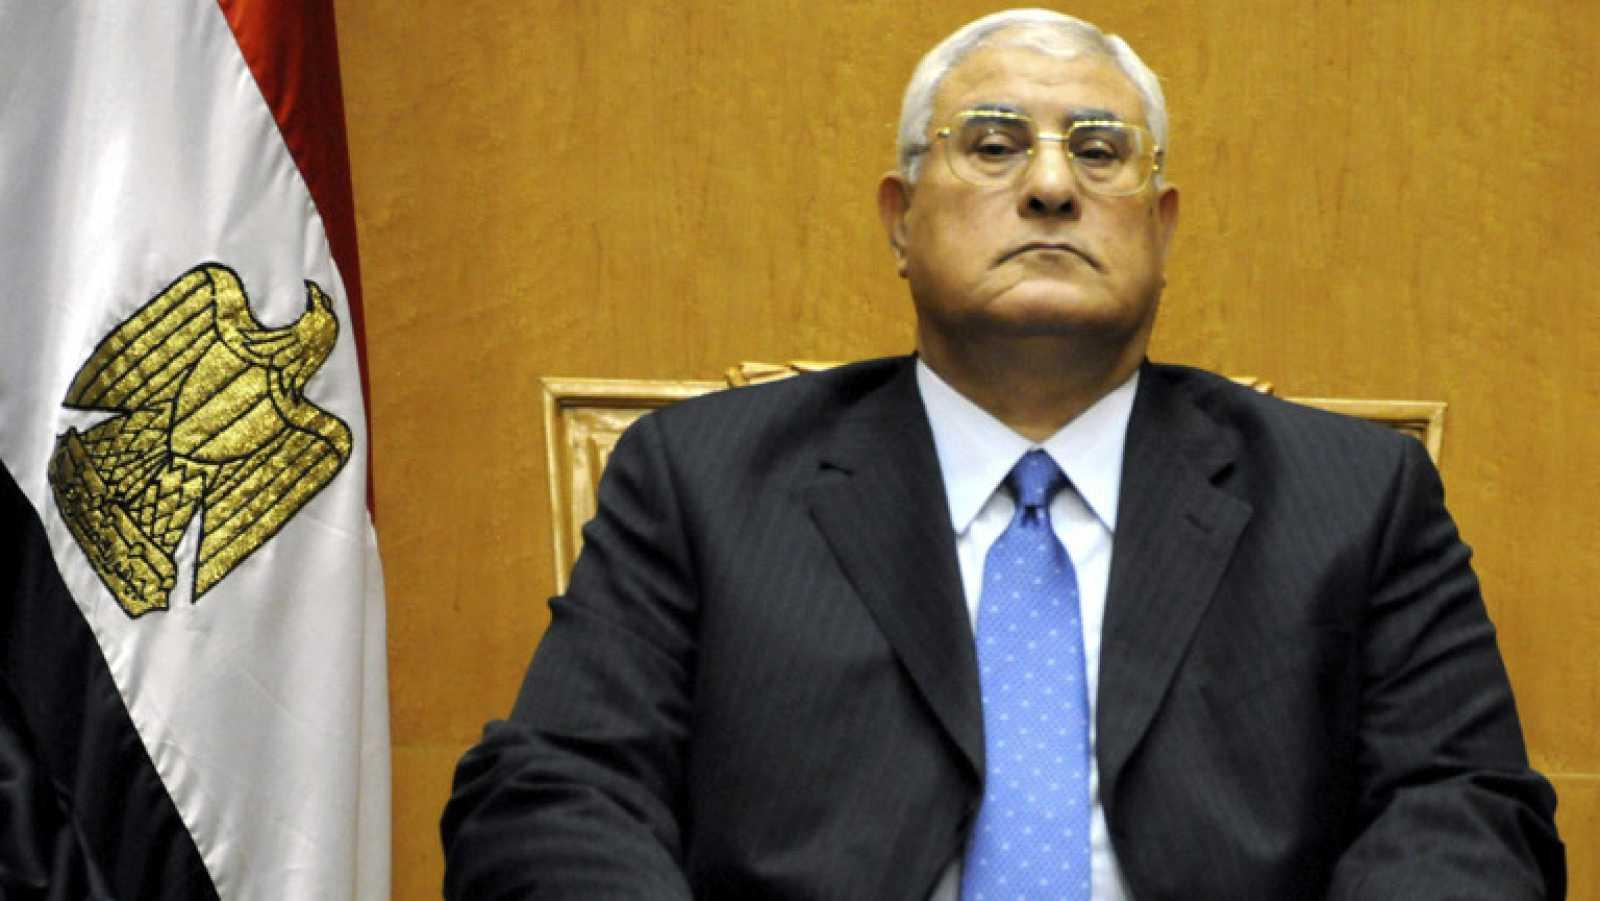 Jura el cargo el nuevo presidente interino de Egipto, instaurado por los militares